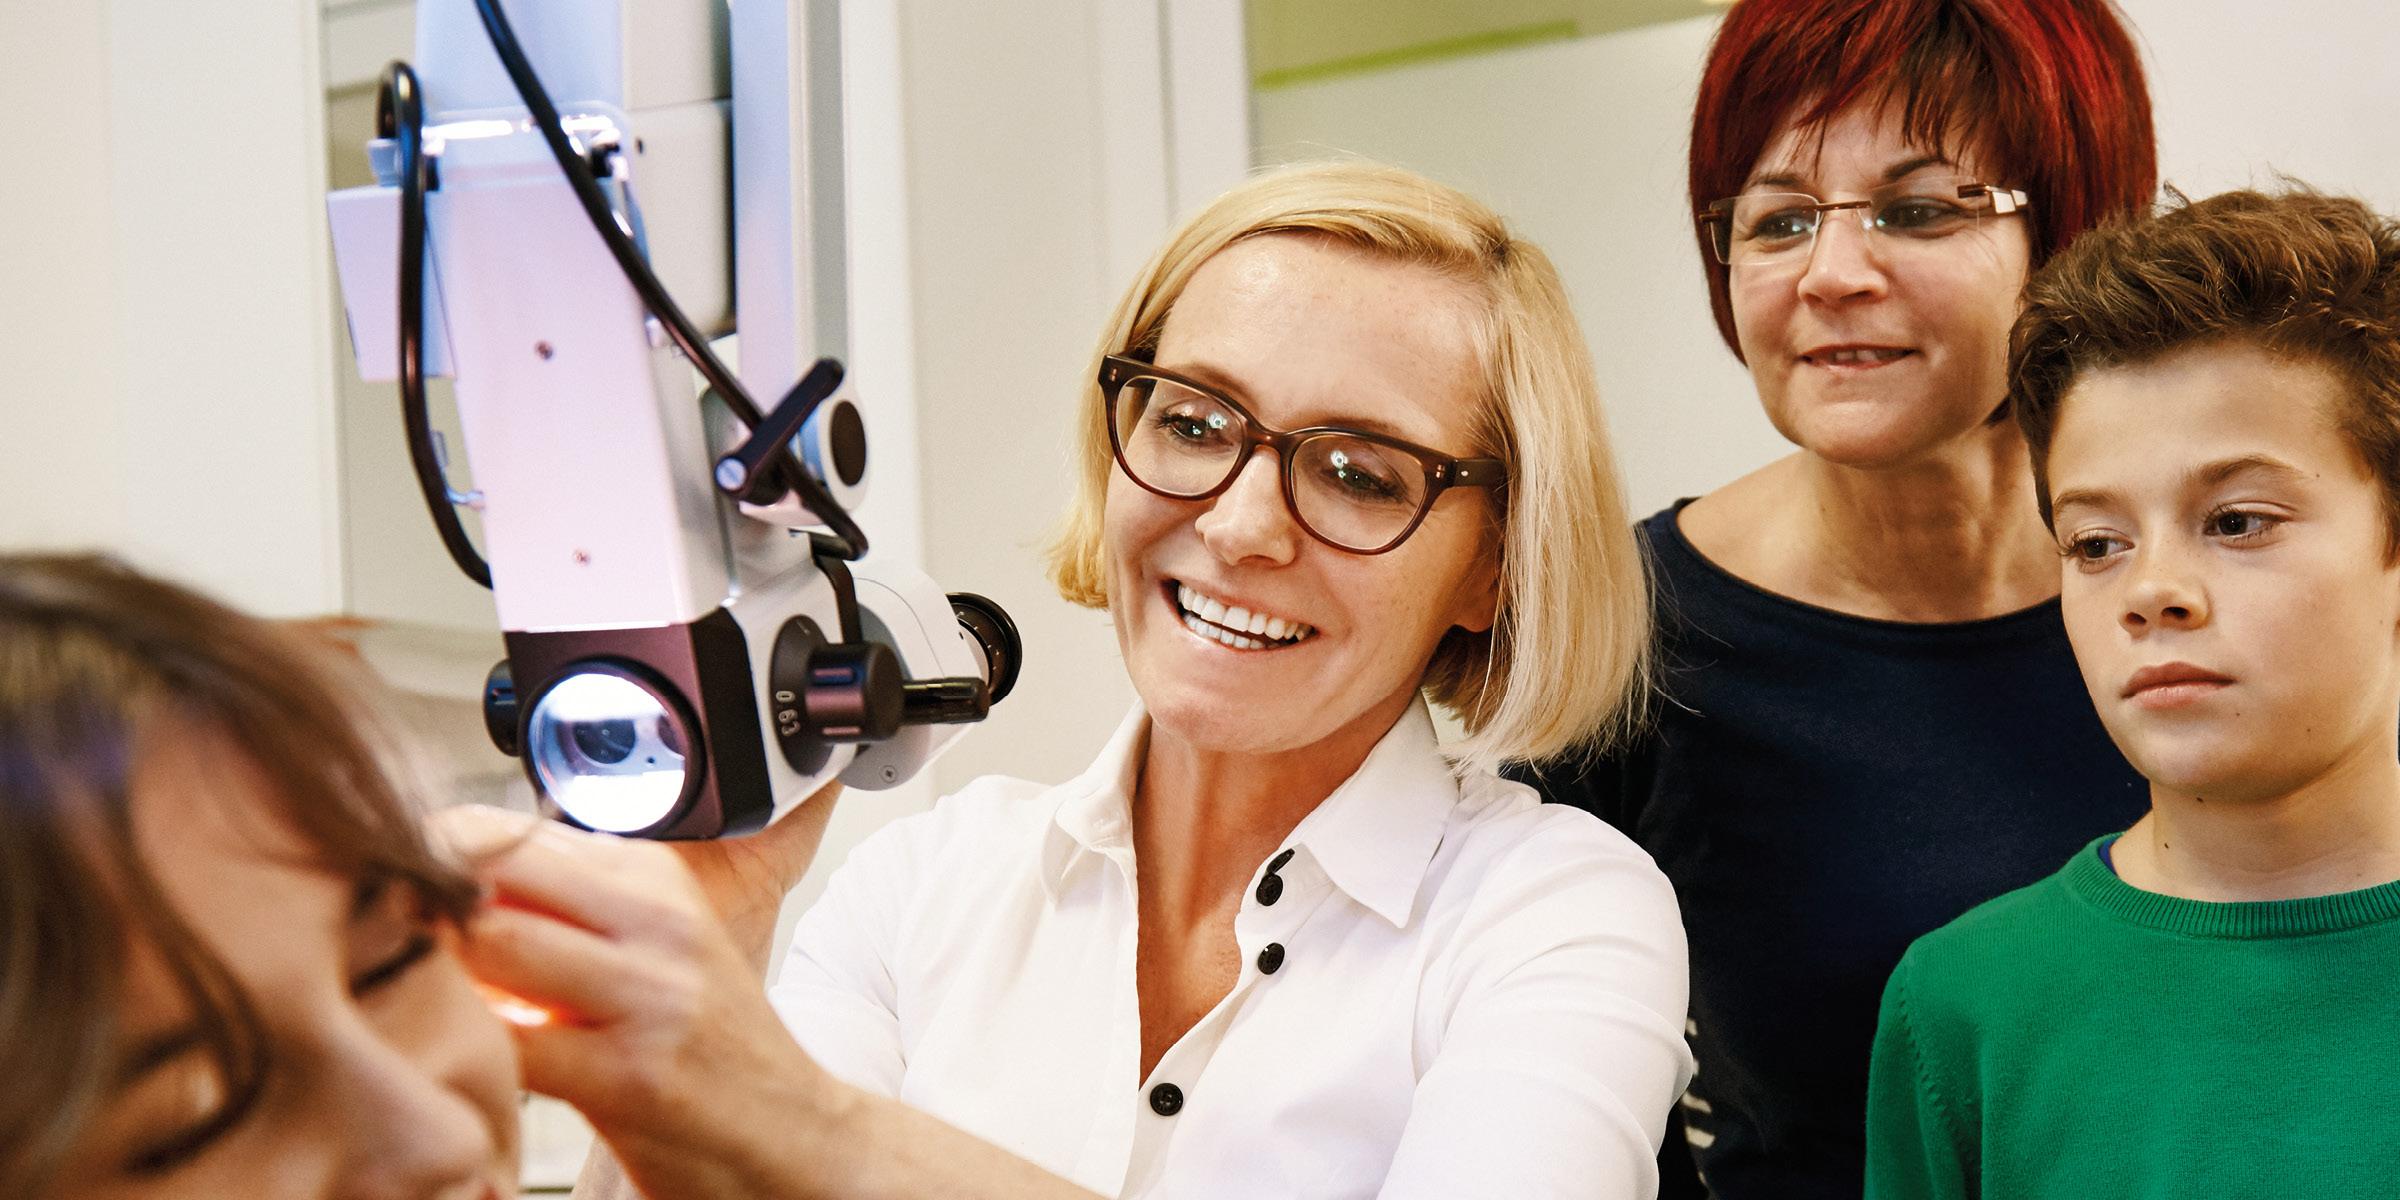 Frau Dr. Brigitte Krug bei der Untersuchung, die sie für Ihre Patienten aus Weinheim und Umgebung - wie beispielsweise Birkenau, Hemsbach, Schriesheim, Heddesheim oder Hirschberg - durchführt